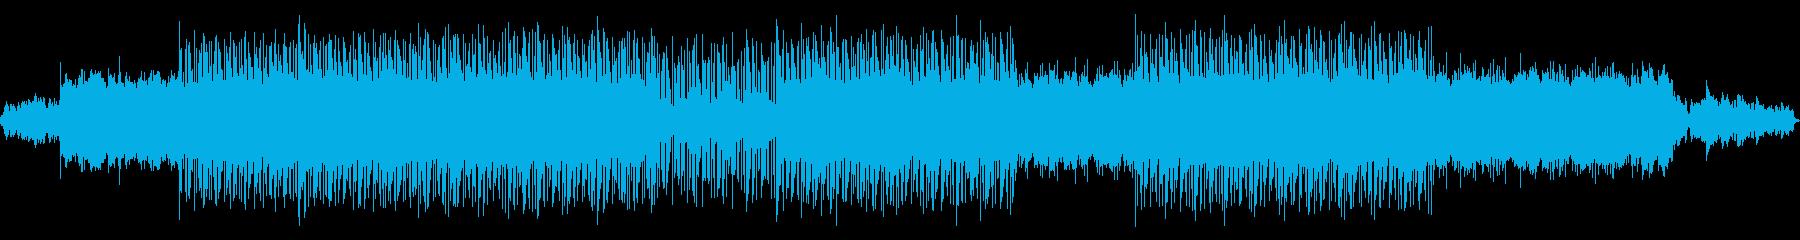 電子楽器の怪しげなメロディーが魅力的な曲の再生済みの波形